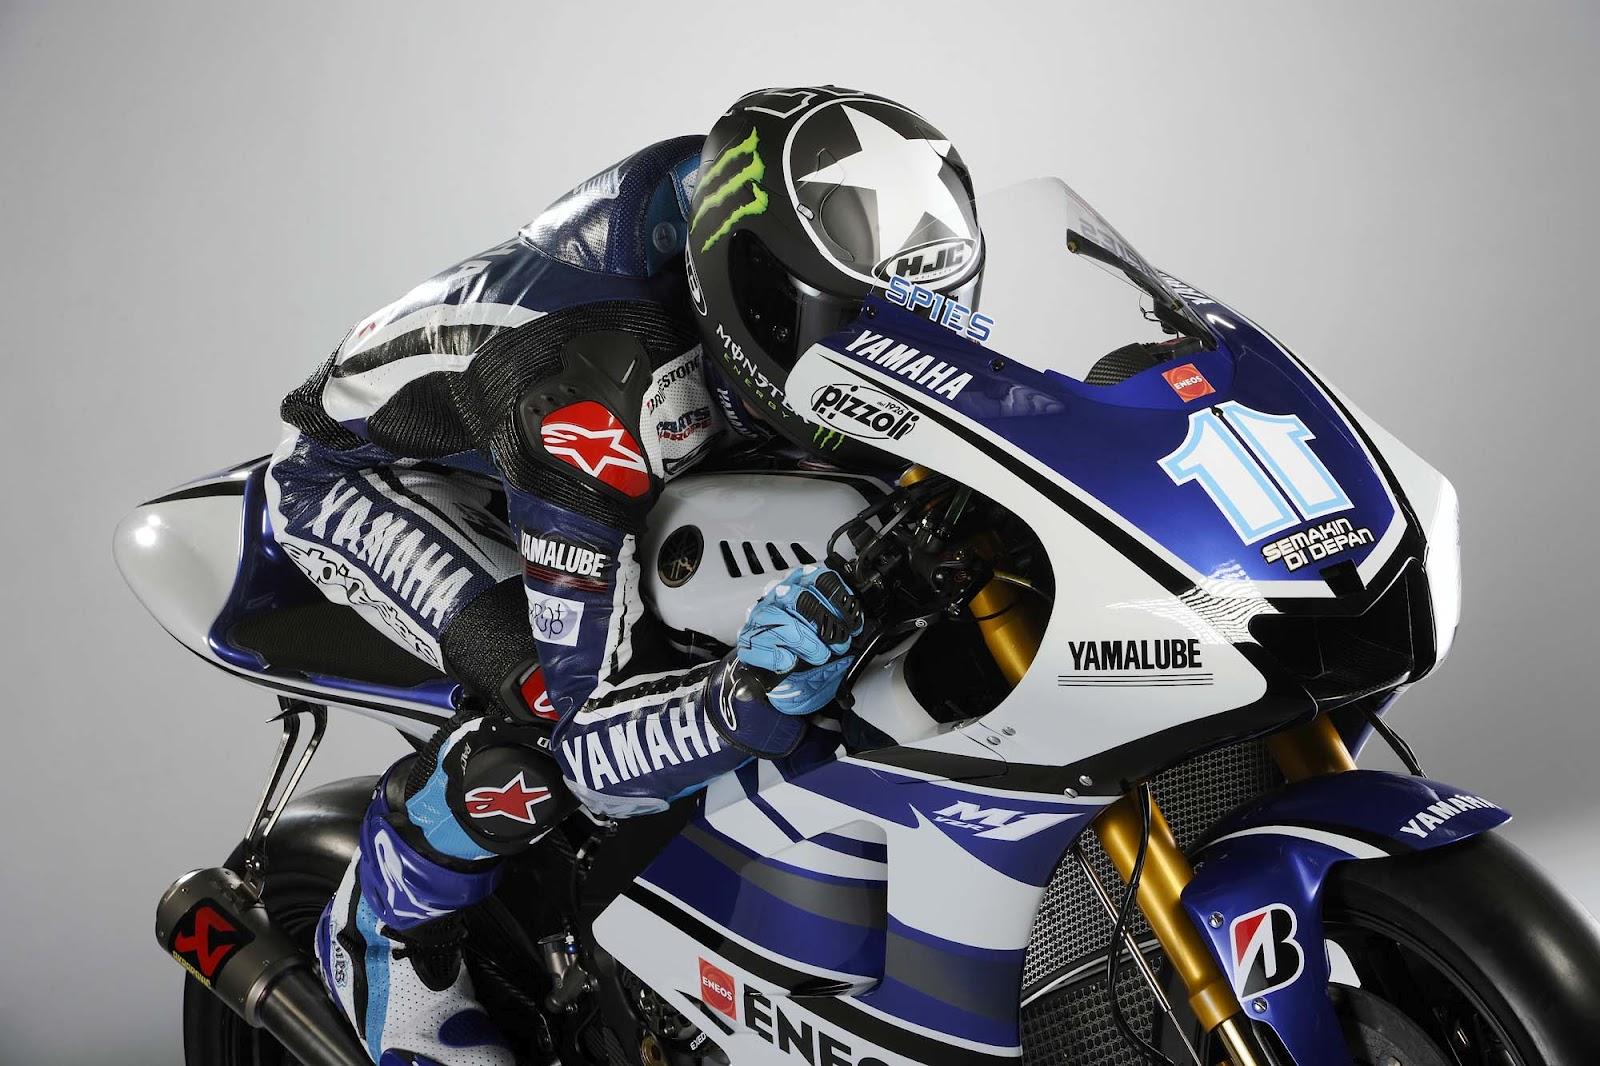 Foto Ben Spies Yamaha FR 2012 Hebat Zona Wallpaper Copas